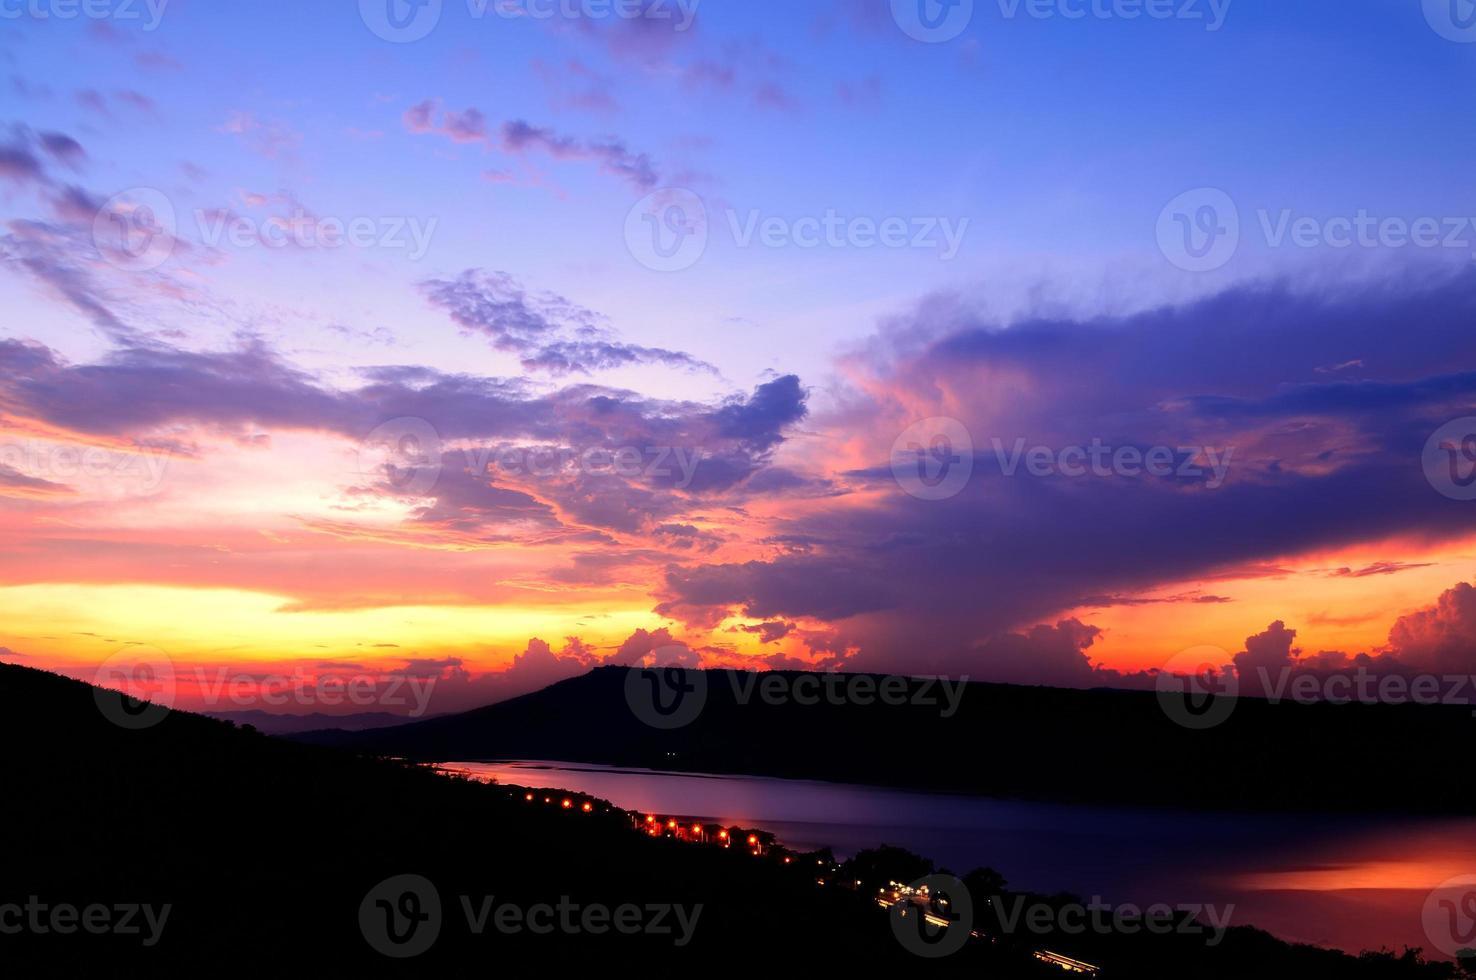 espectacular puesta de sol sobre el lago foto